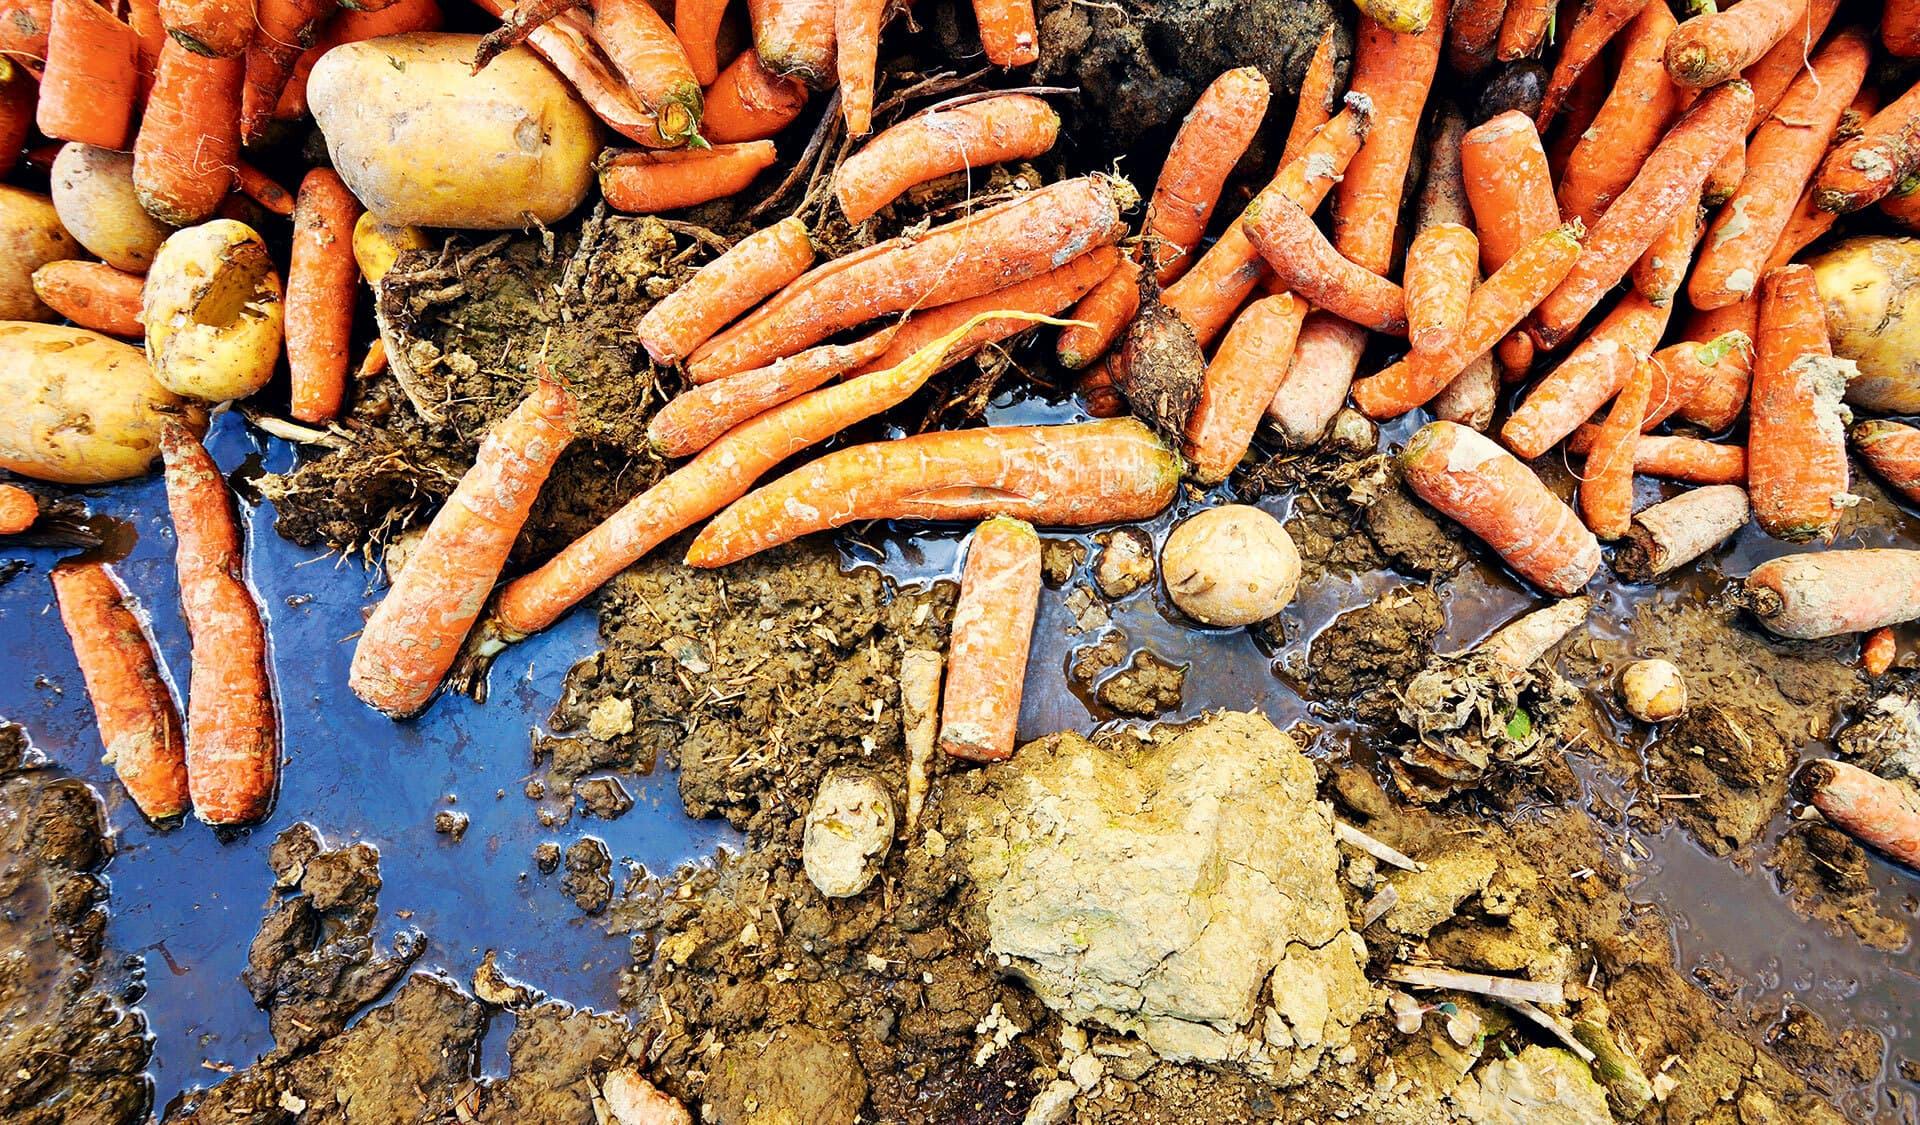 Karotten und Kartoffeln auf einem Acker